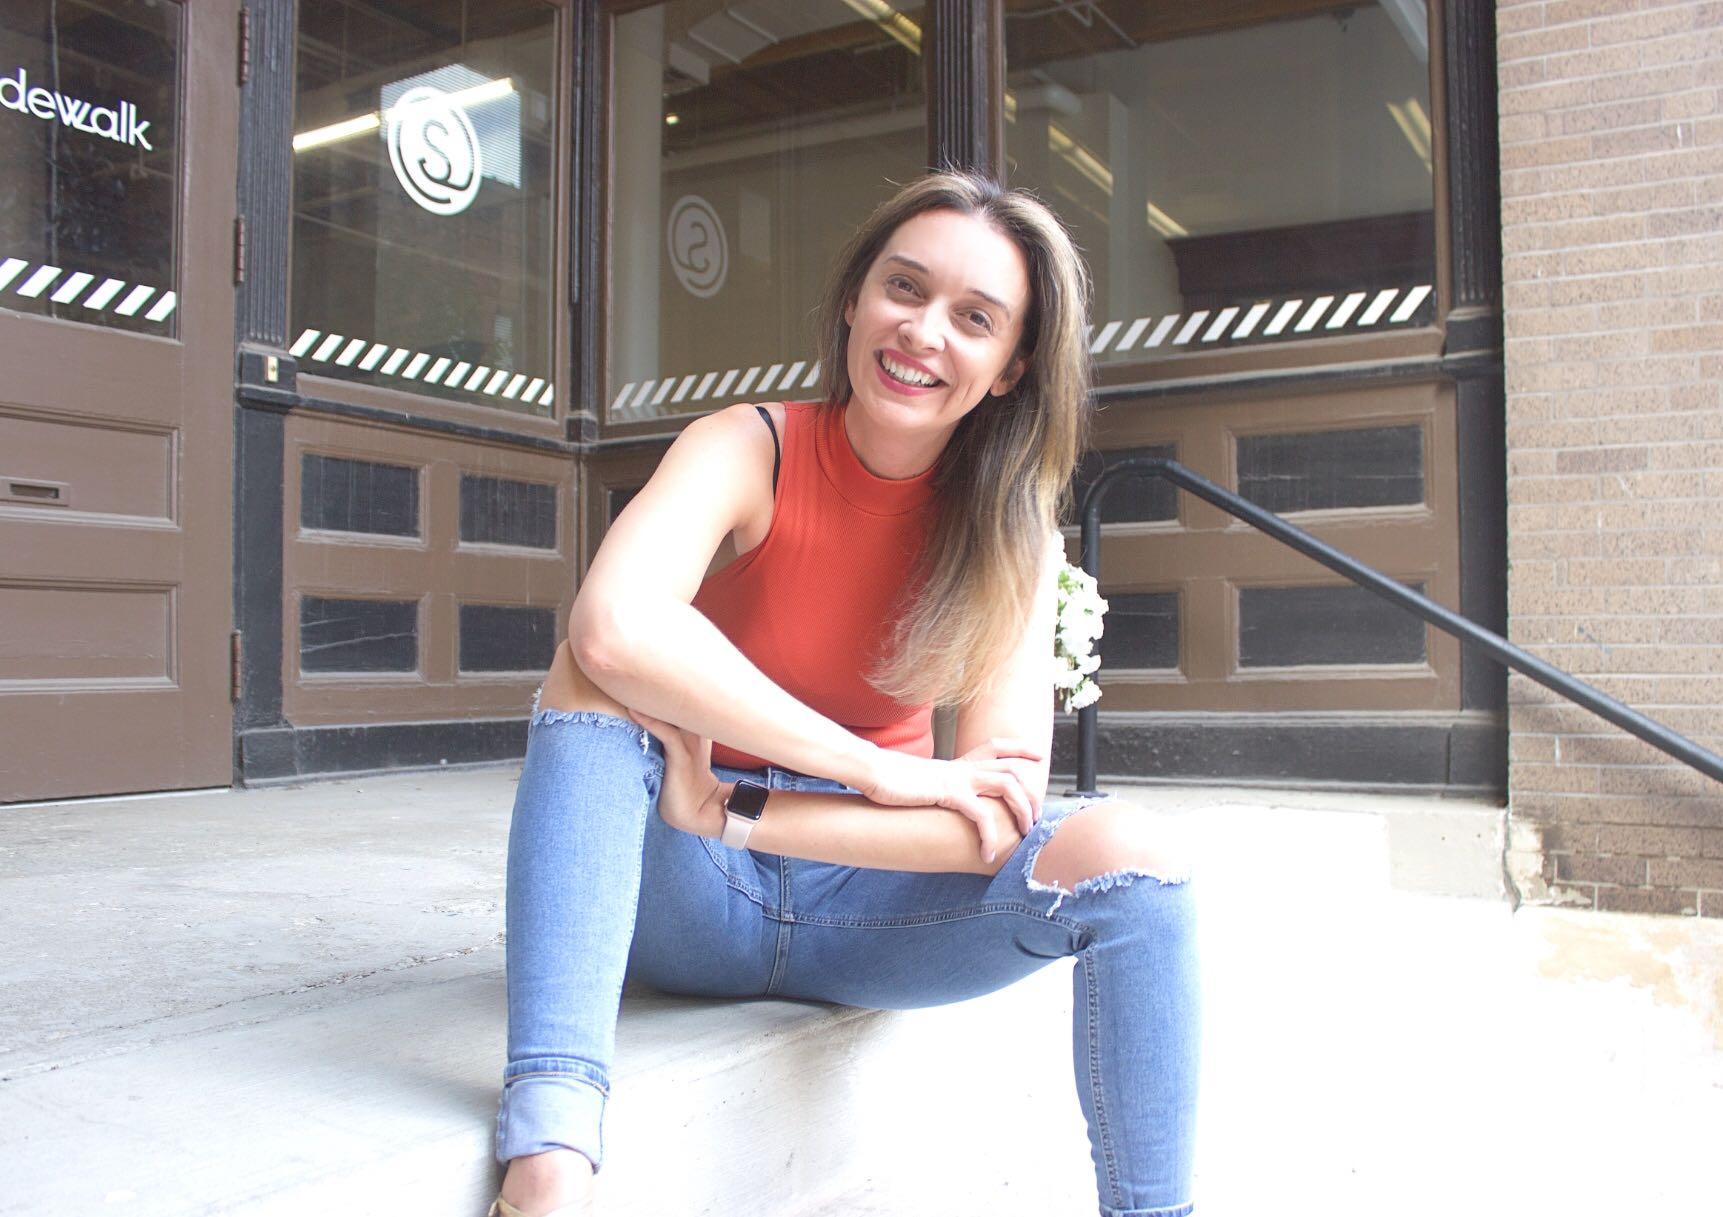 Sarah Martin mySidewalk